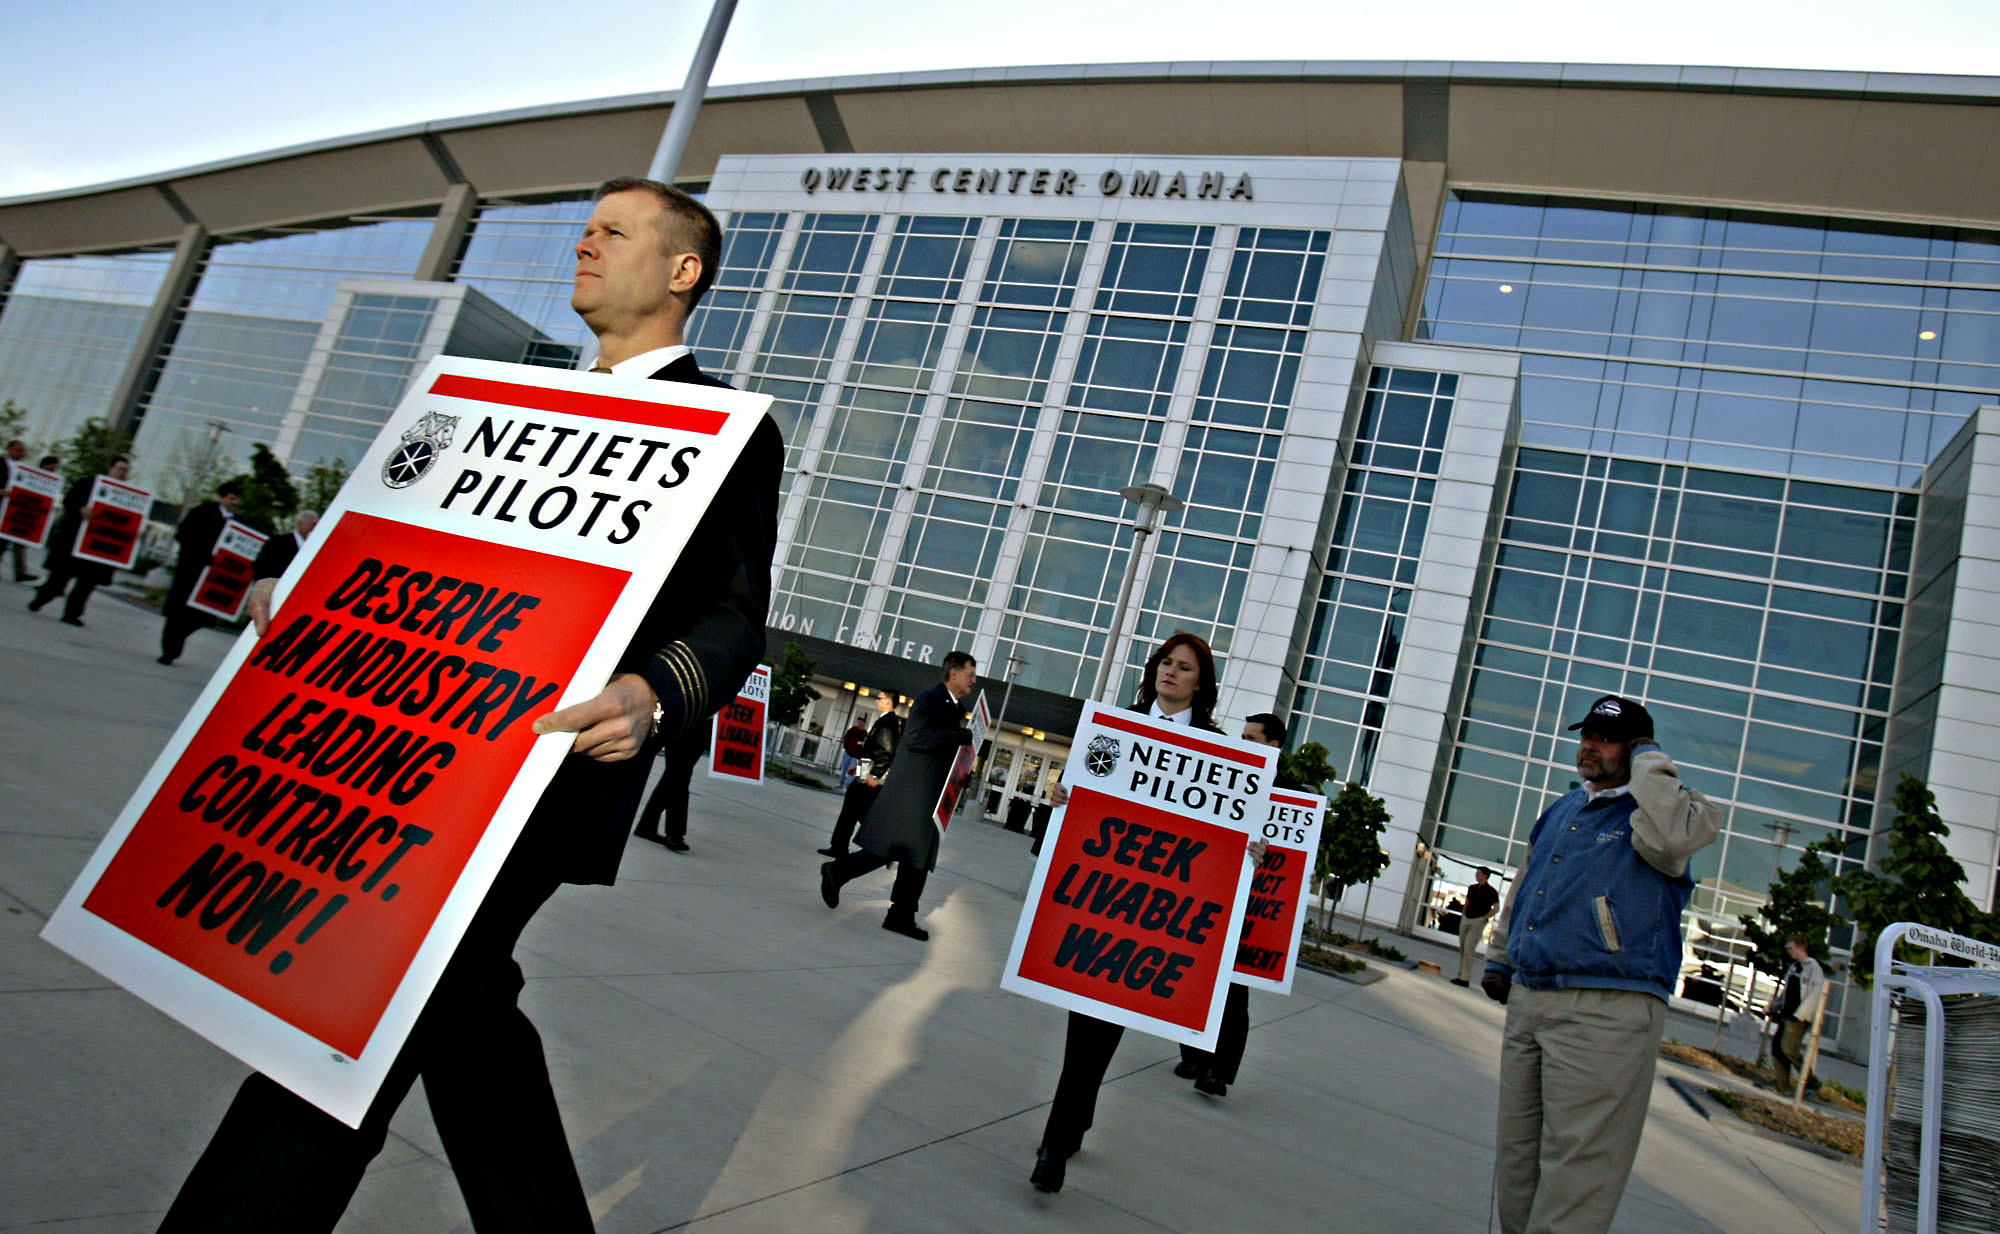 NetJet employees protesting outside Qwest Center in Omaha, Nebraska